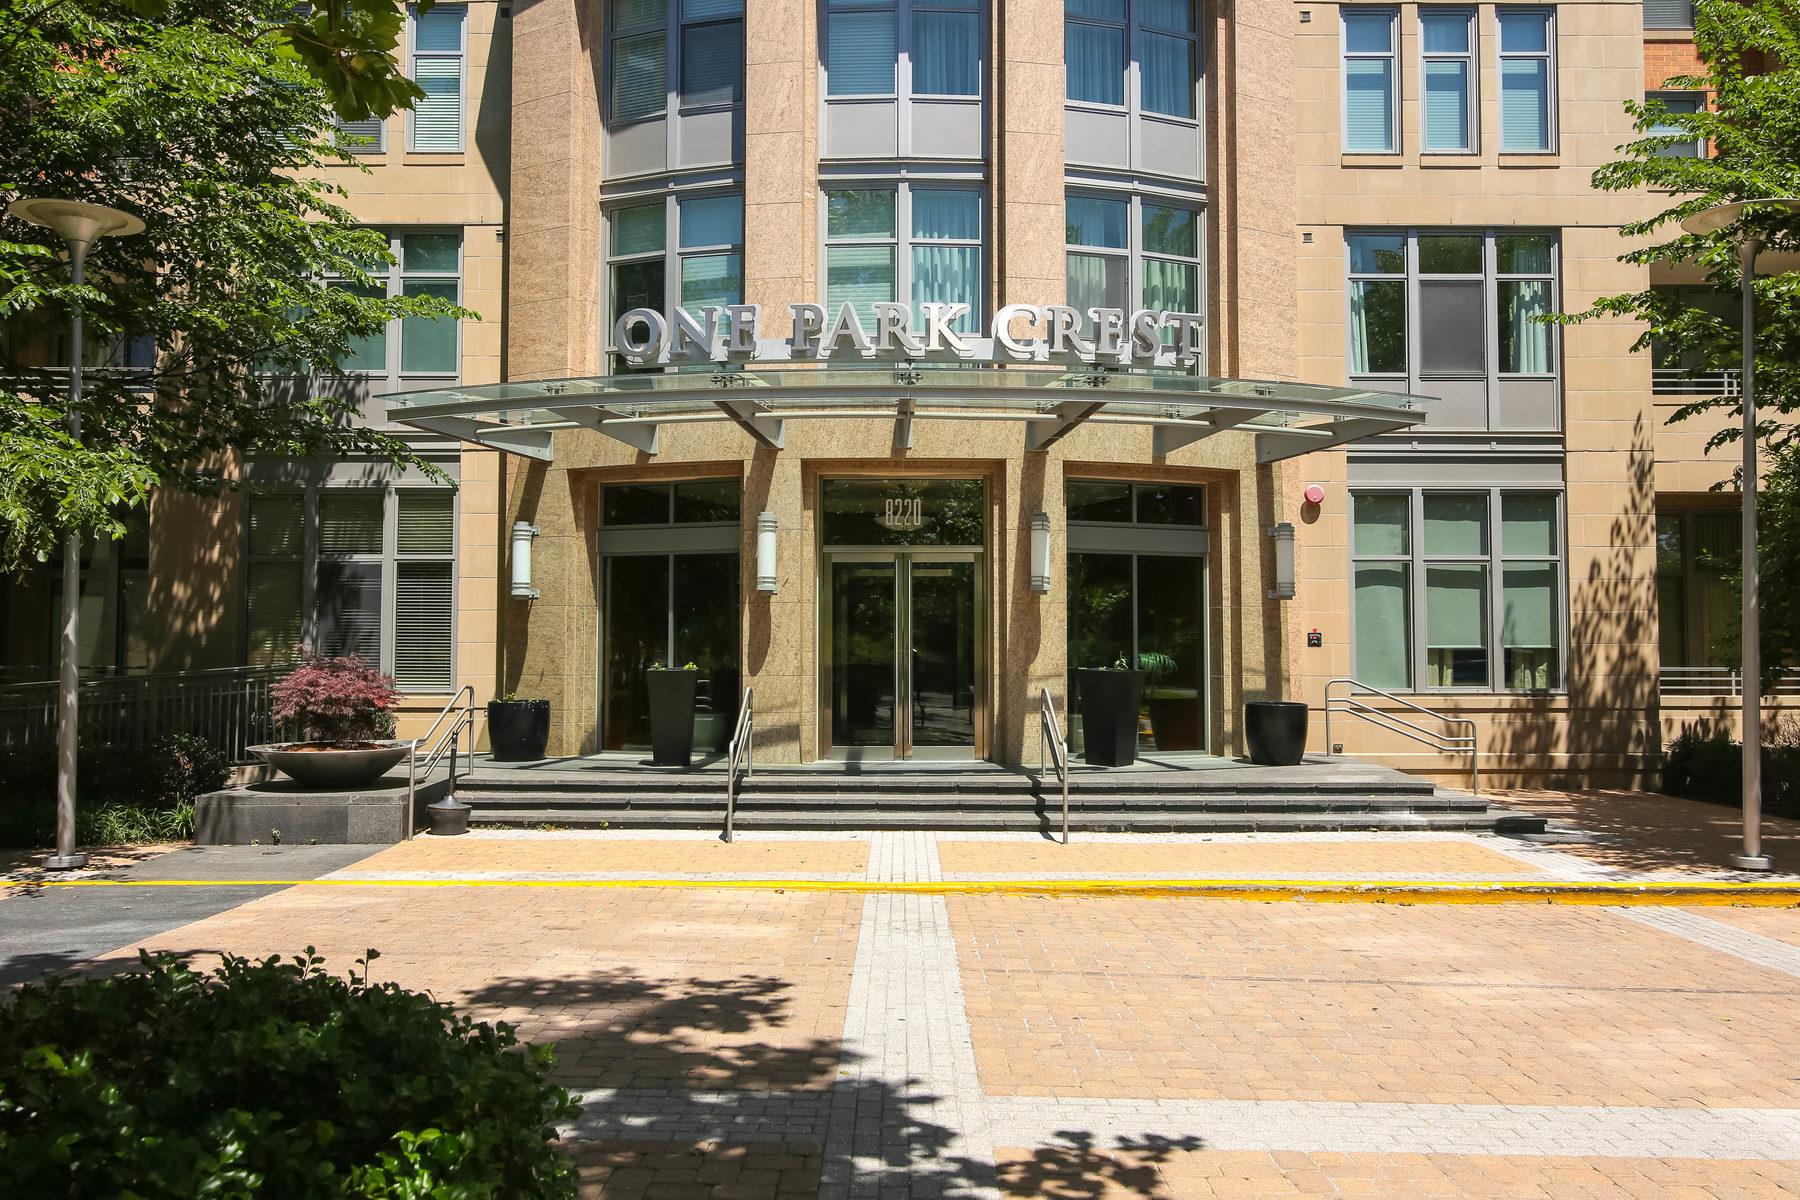 Кооперативная квартира для того Продажа на 8220 Crestwood Heights Drive 1415, Mclean 8220 Crestwood Heights Dr 1415 McLean, Виргиния, 22102 Соединенные Штаты